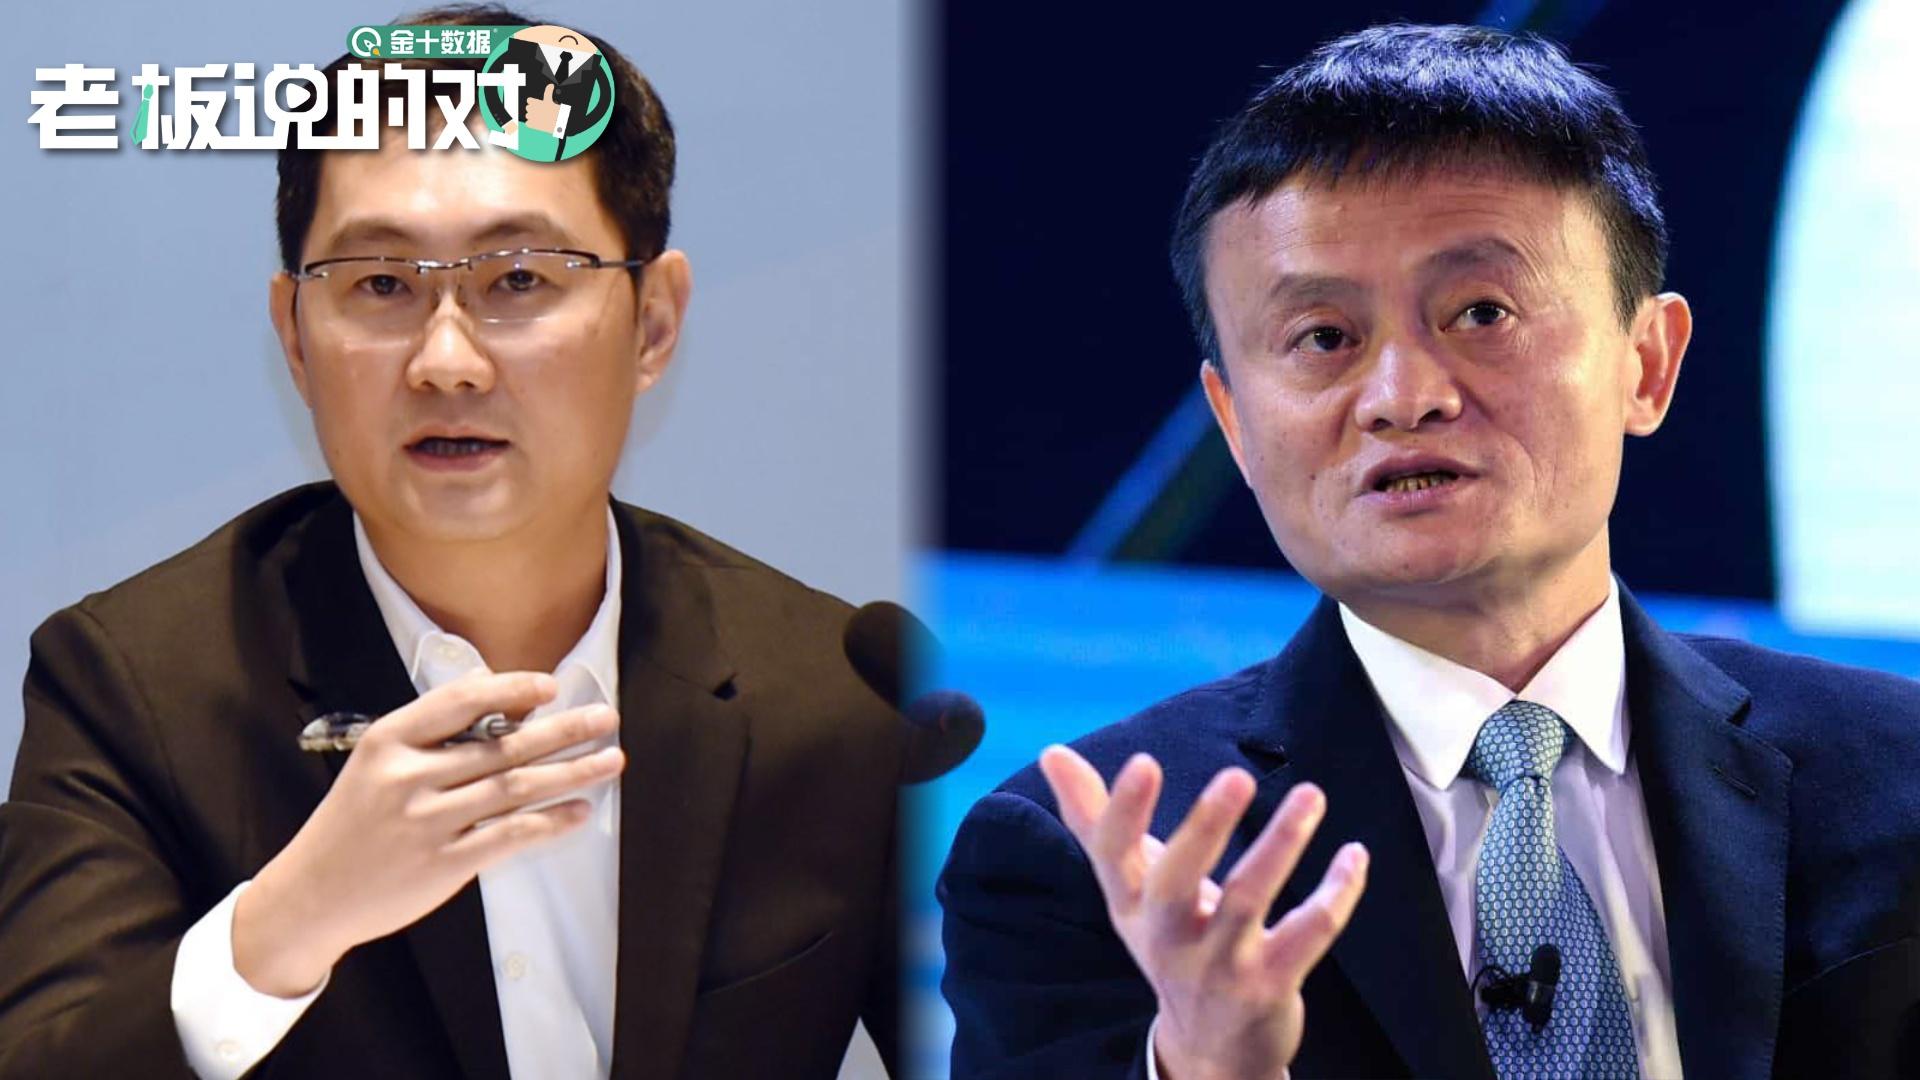 """新的中国首富!马化腾""""被动""""追上马云,2900亿身家并列中国首富"""